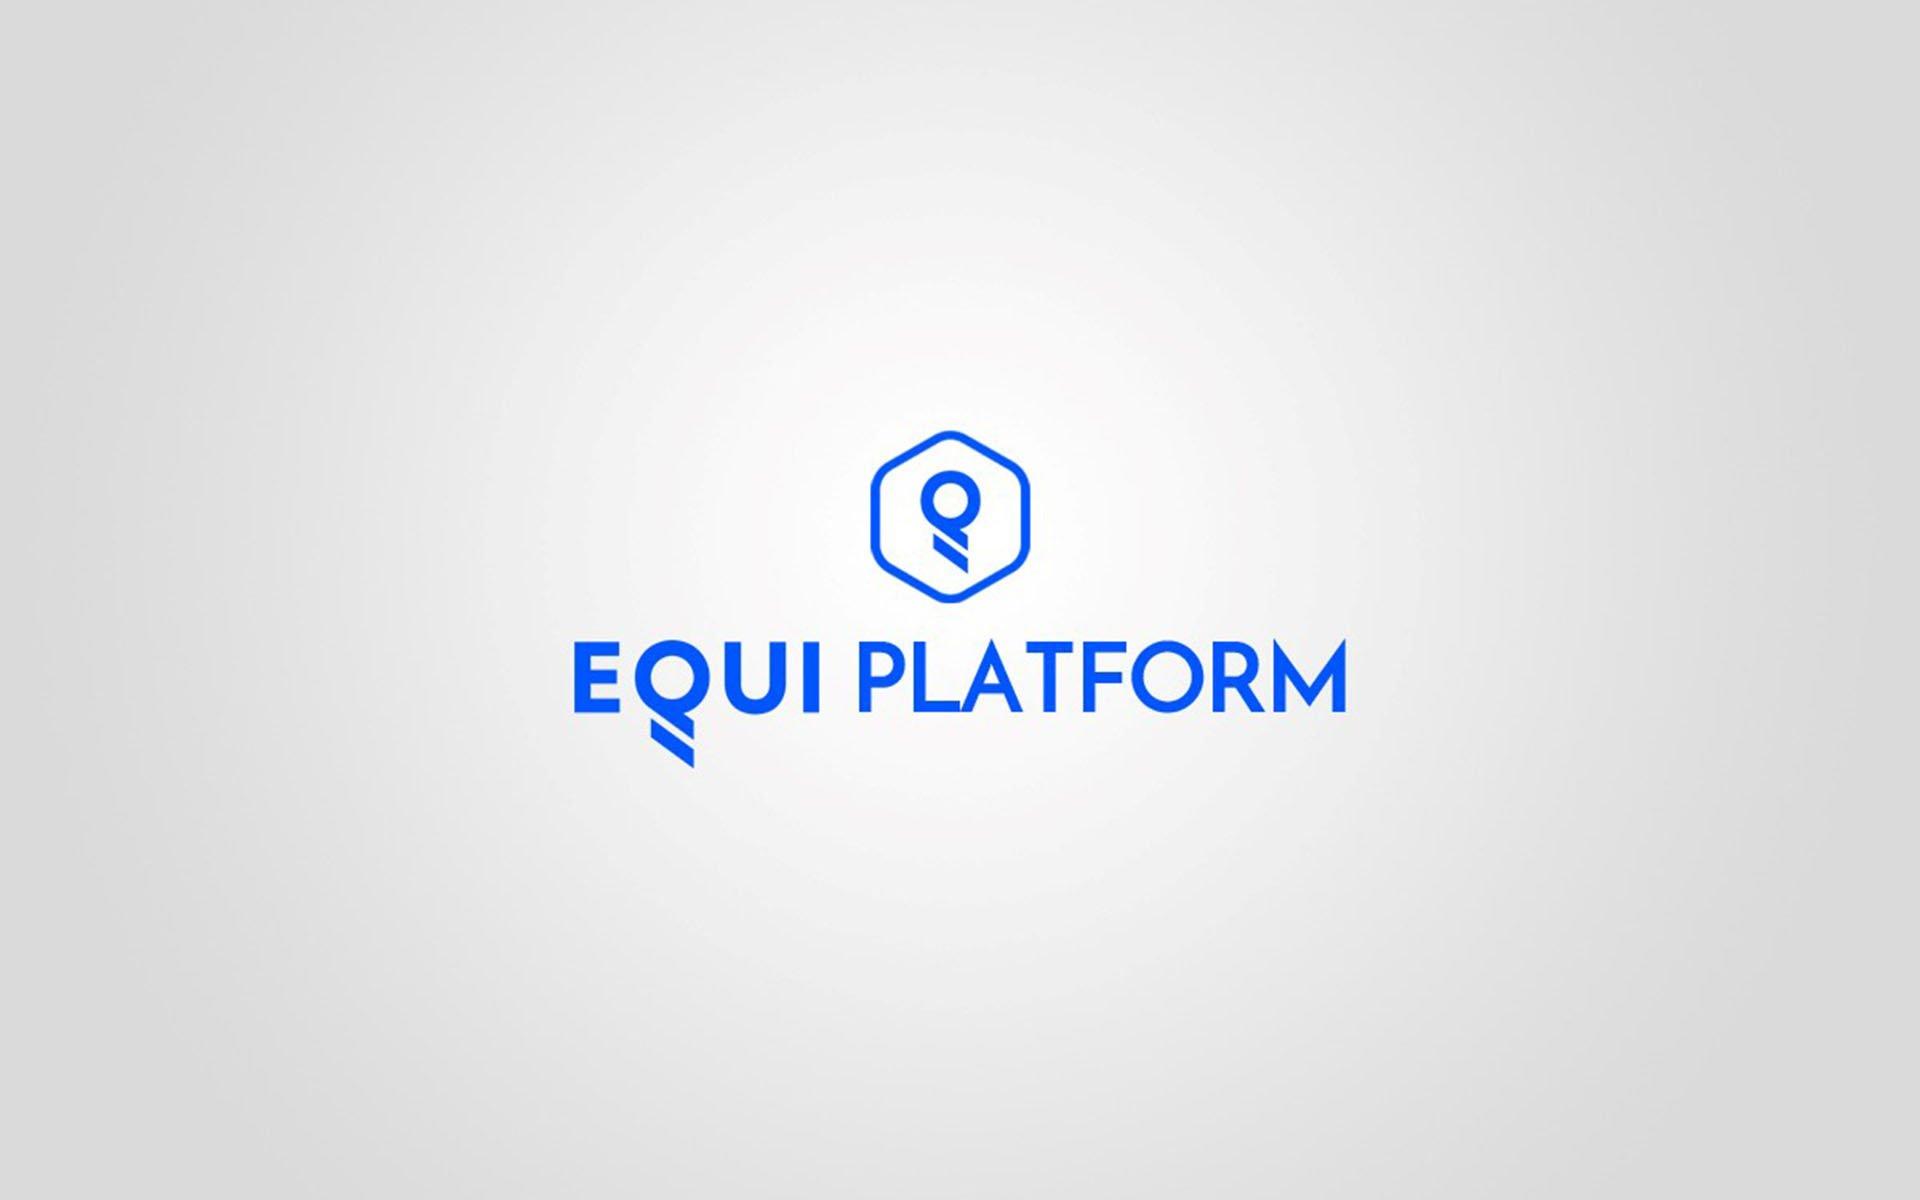 EQUI Capital Expands Its Horizons, Readies for Public Pre-Sale